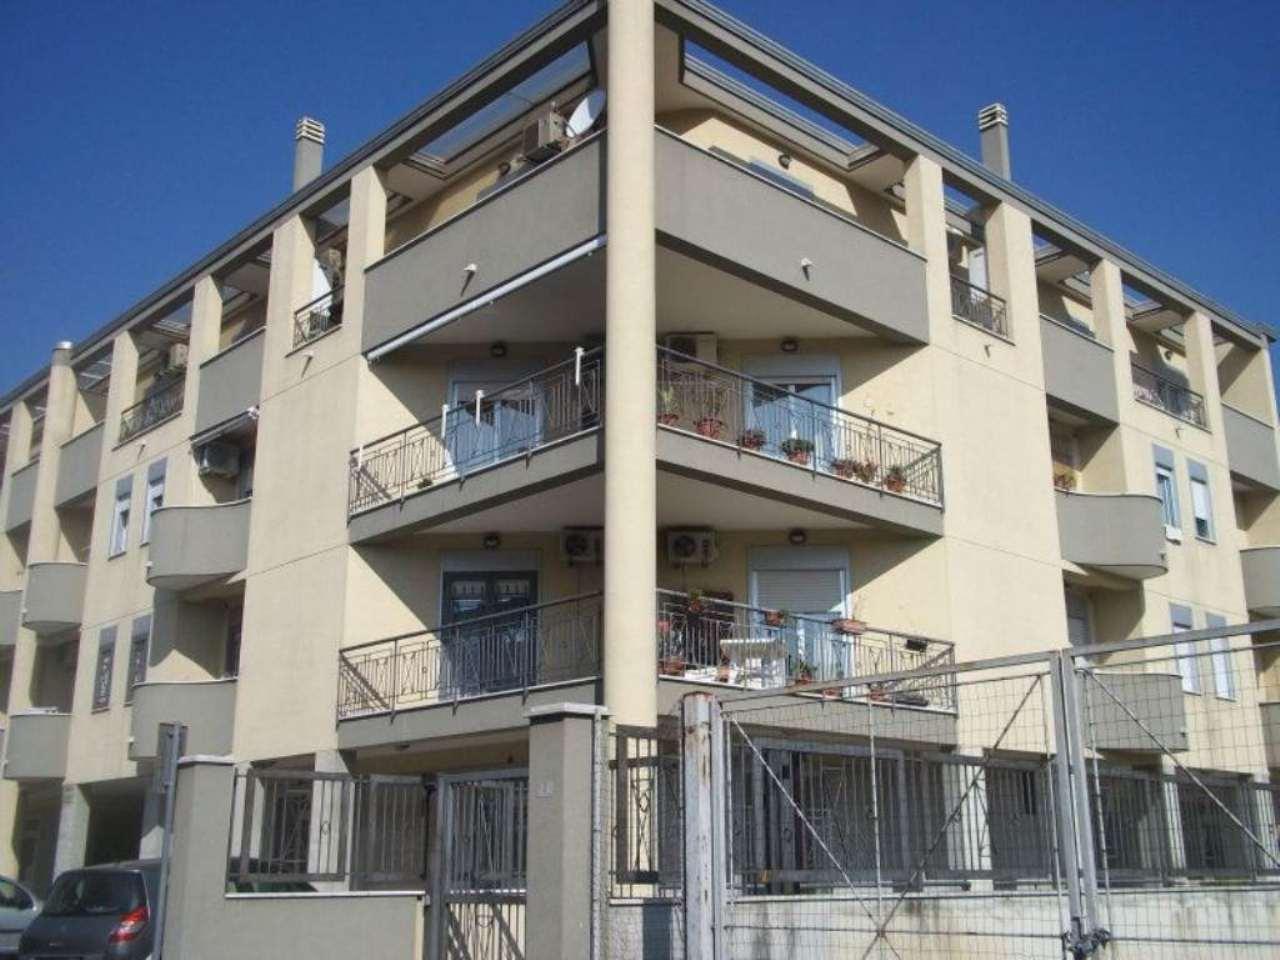 Attico / Mansarda in affitto a Capodrise, 4 locali, prezzo € 300 | Cambio Casa.it